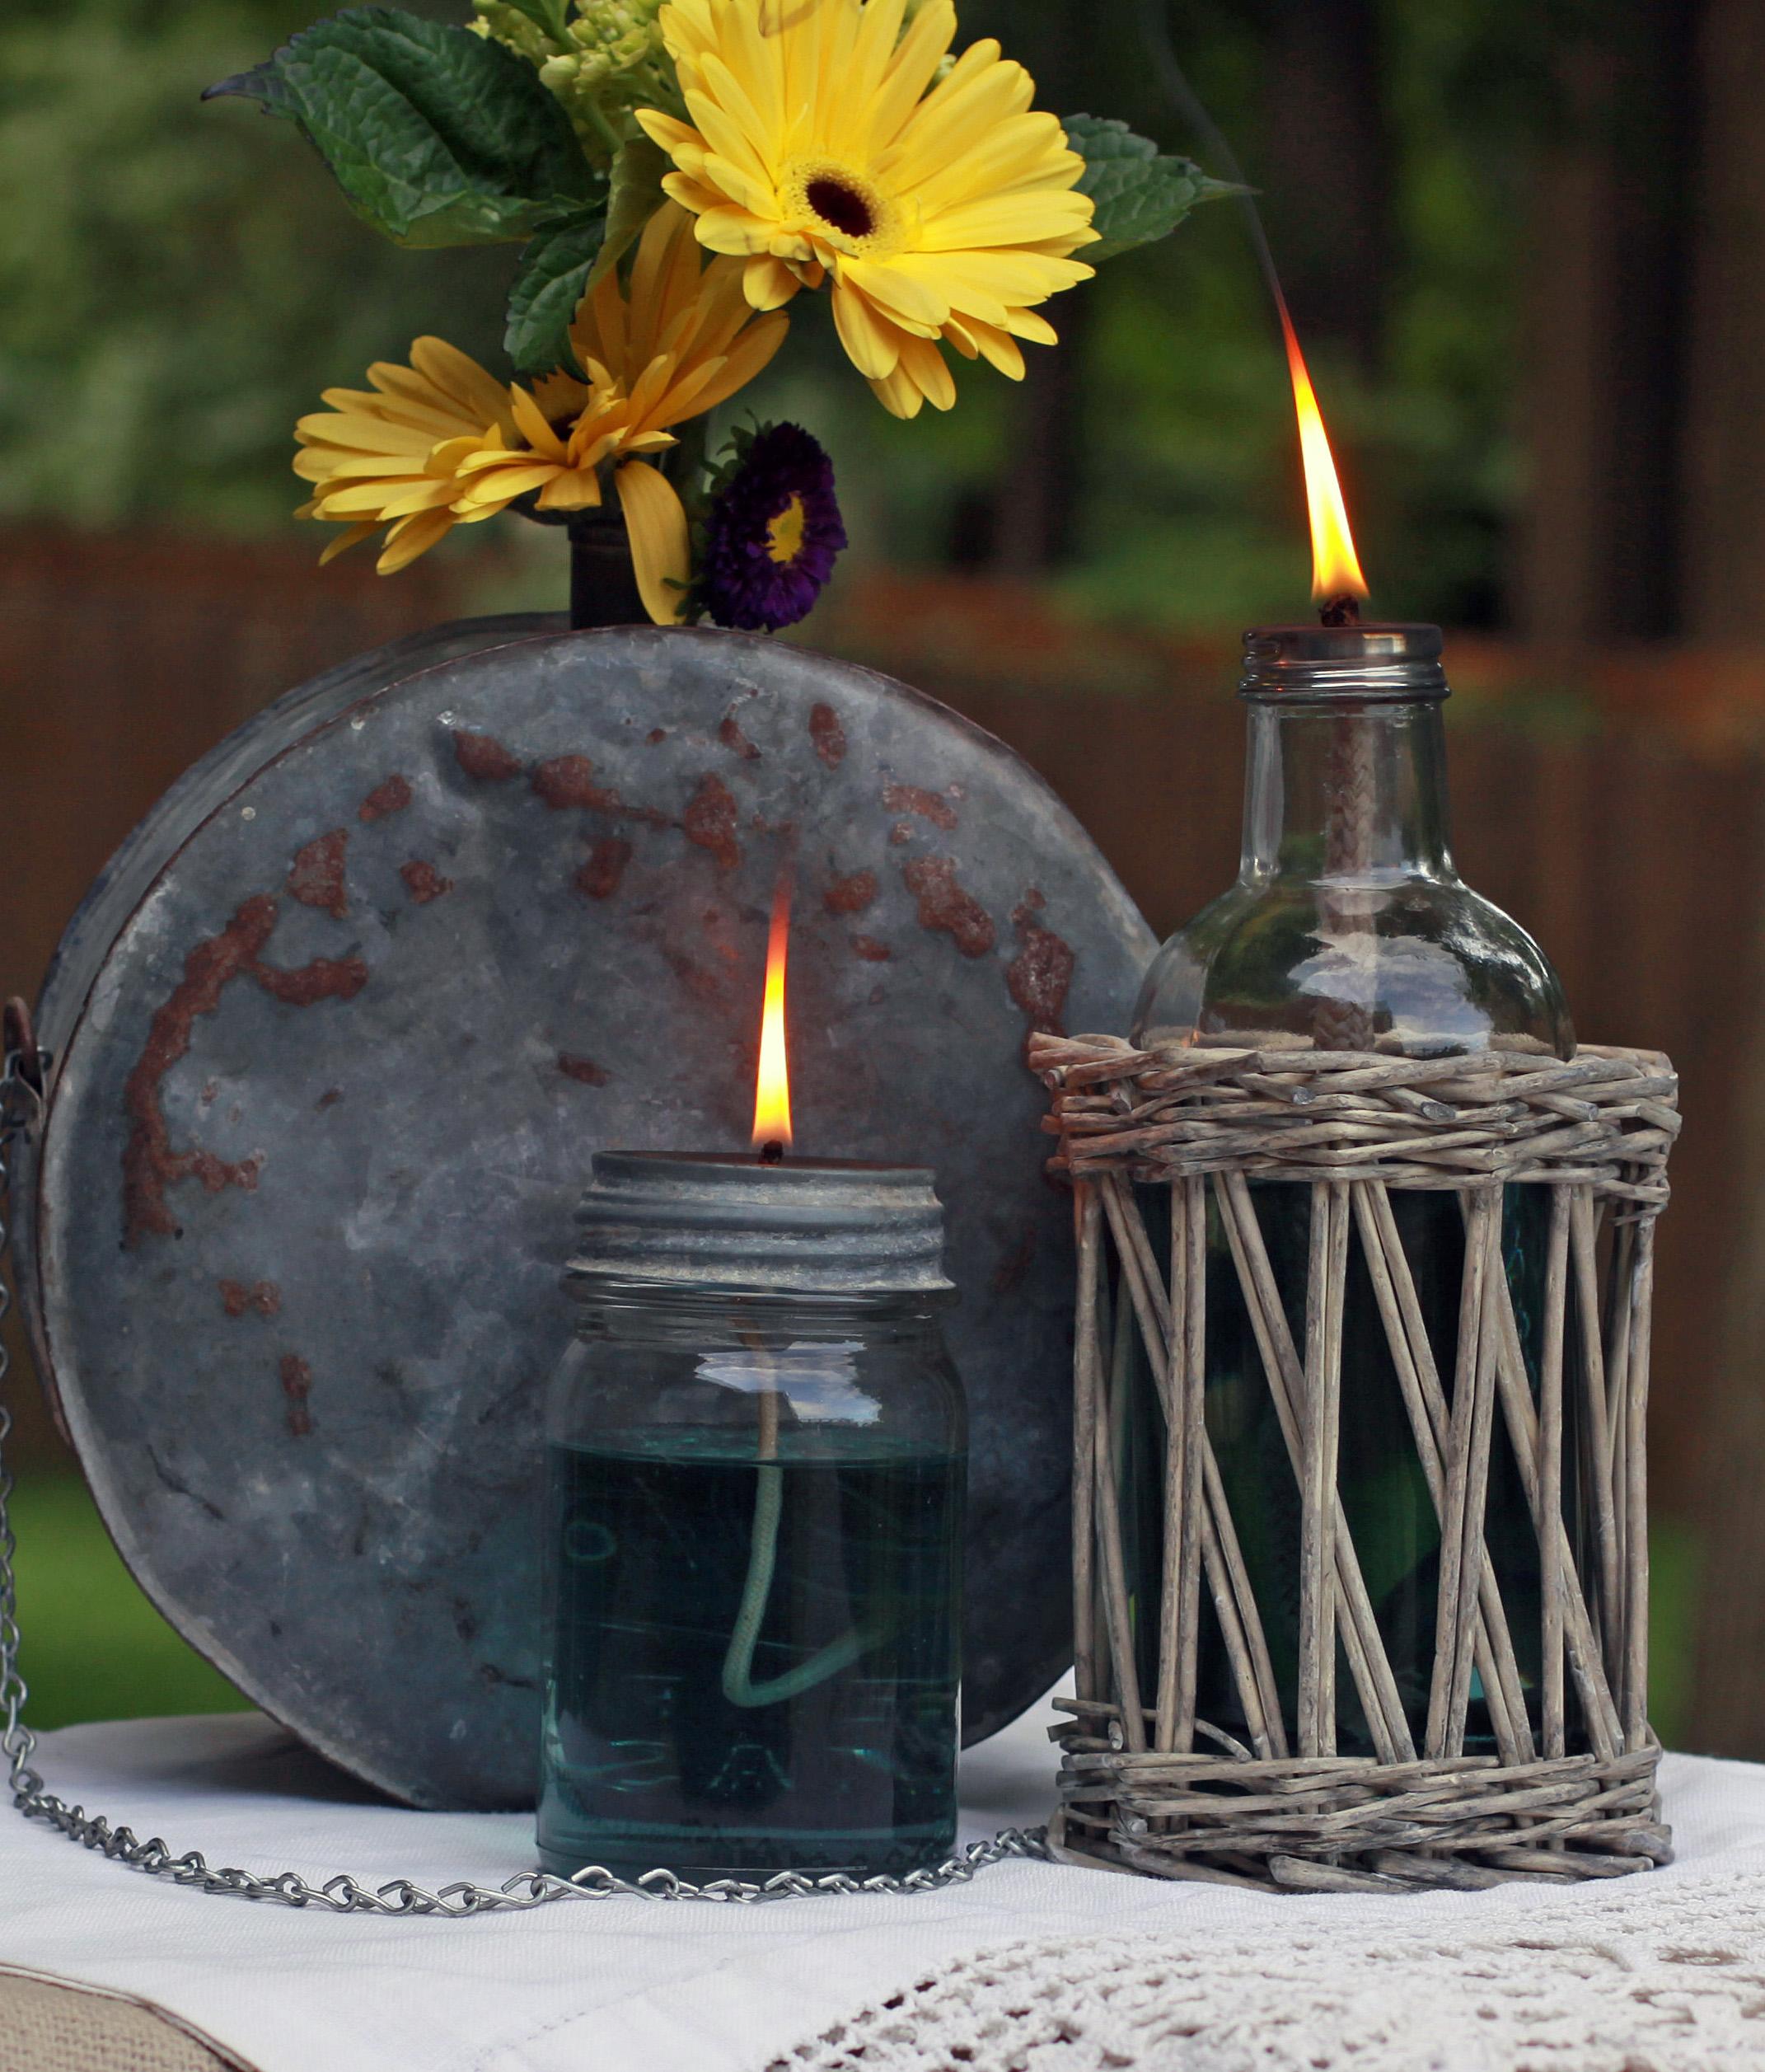 2. Oil Lamp